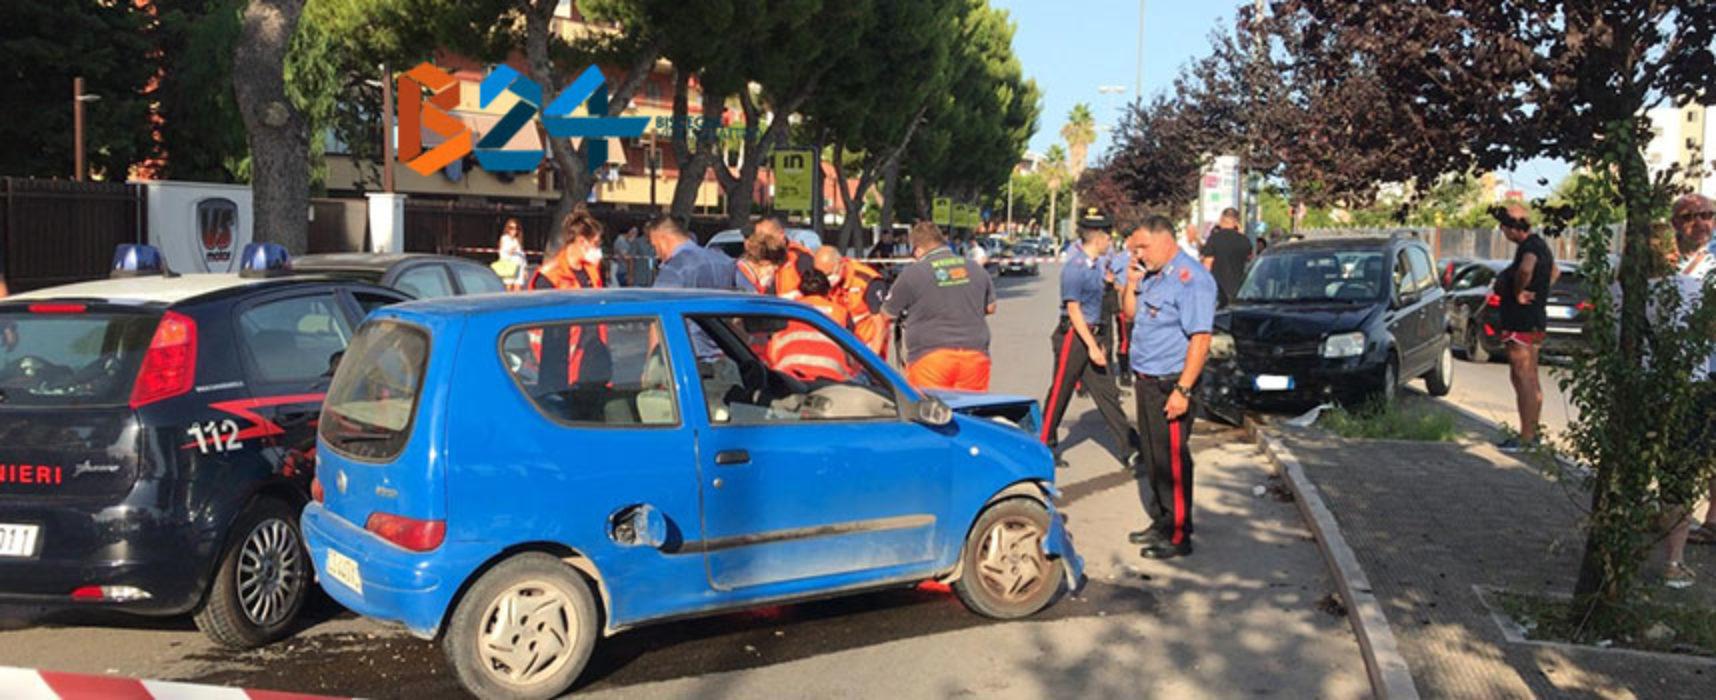 Inseguimento termina con incidente, arrestato un uomo